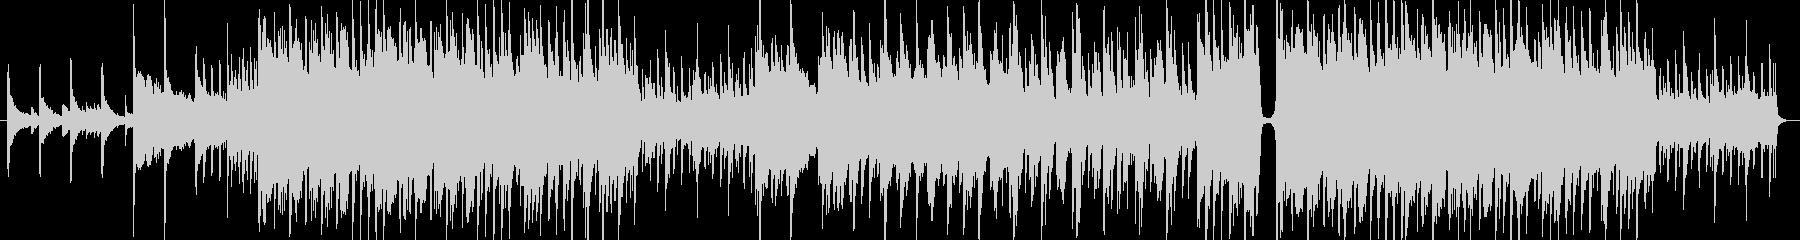 ピアノの旋律が印象的なポップスの未再生の波形